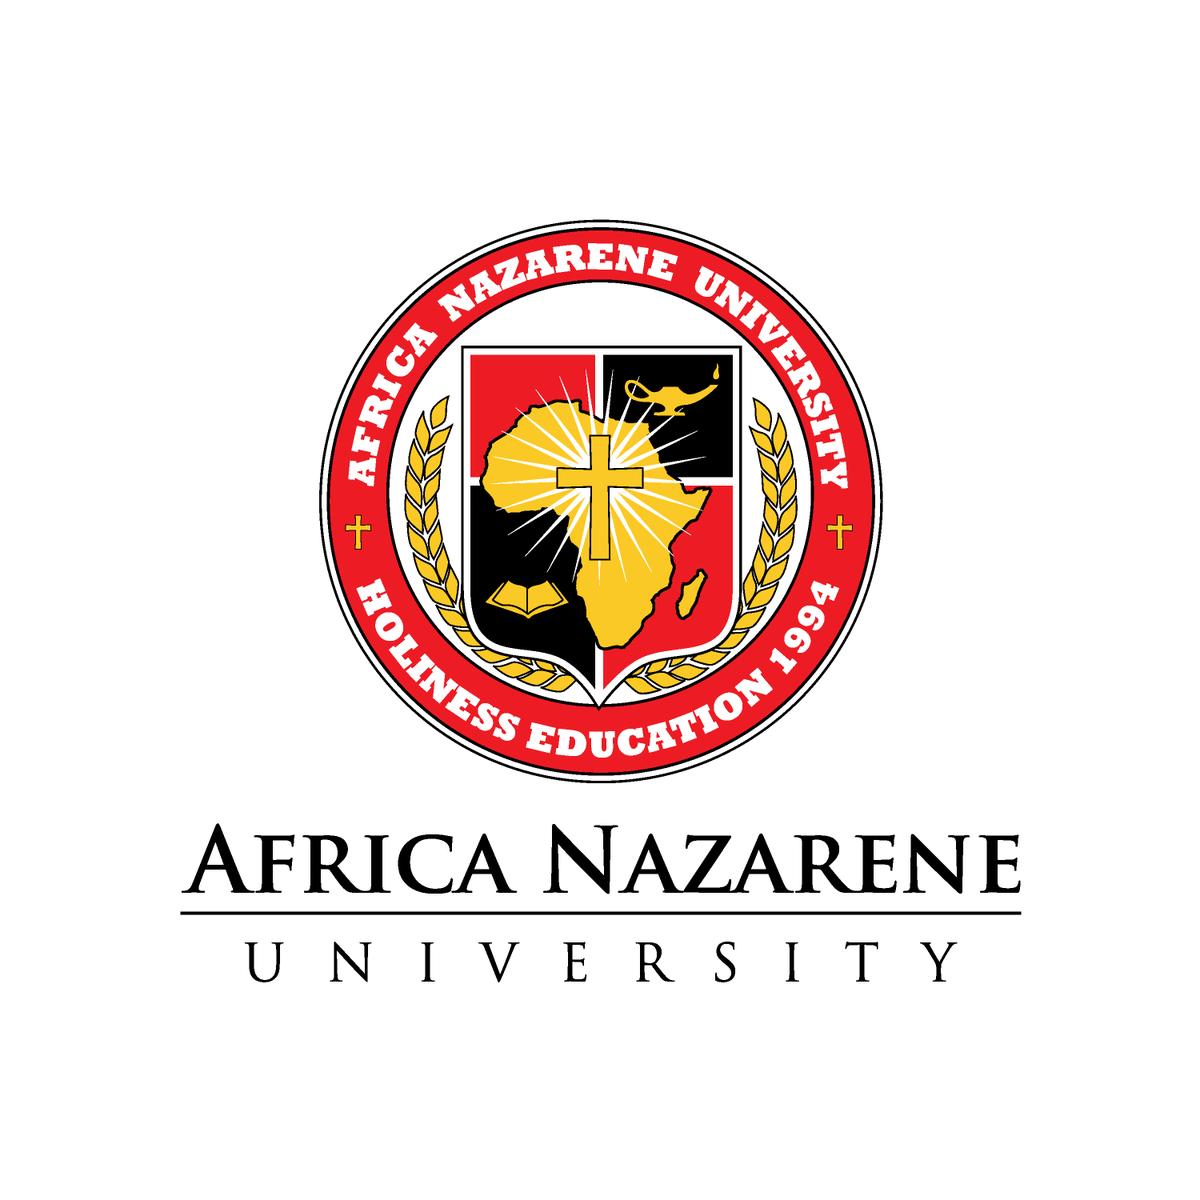 Africa Nazarene Uni  on Twitter: